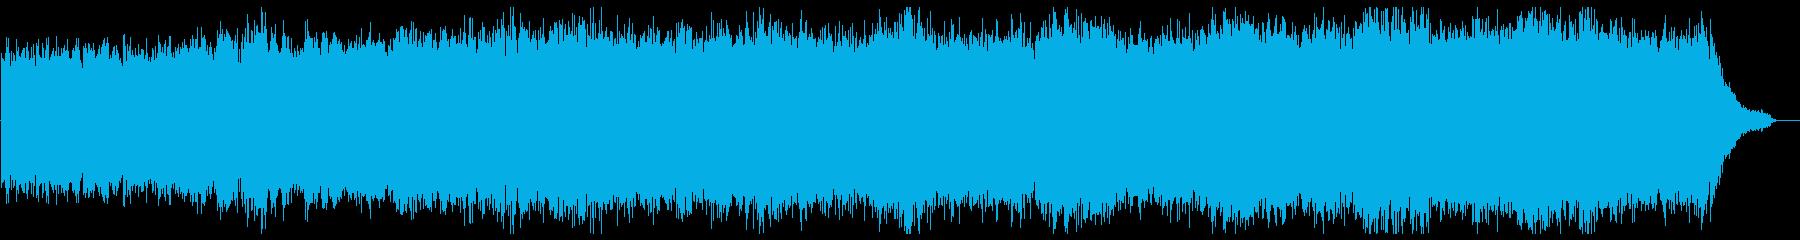 説明・回想・ふと立ち止まって考えるBGMの再生済みの波形